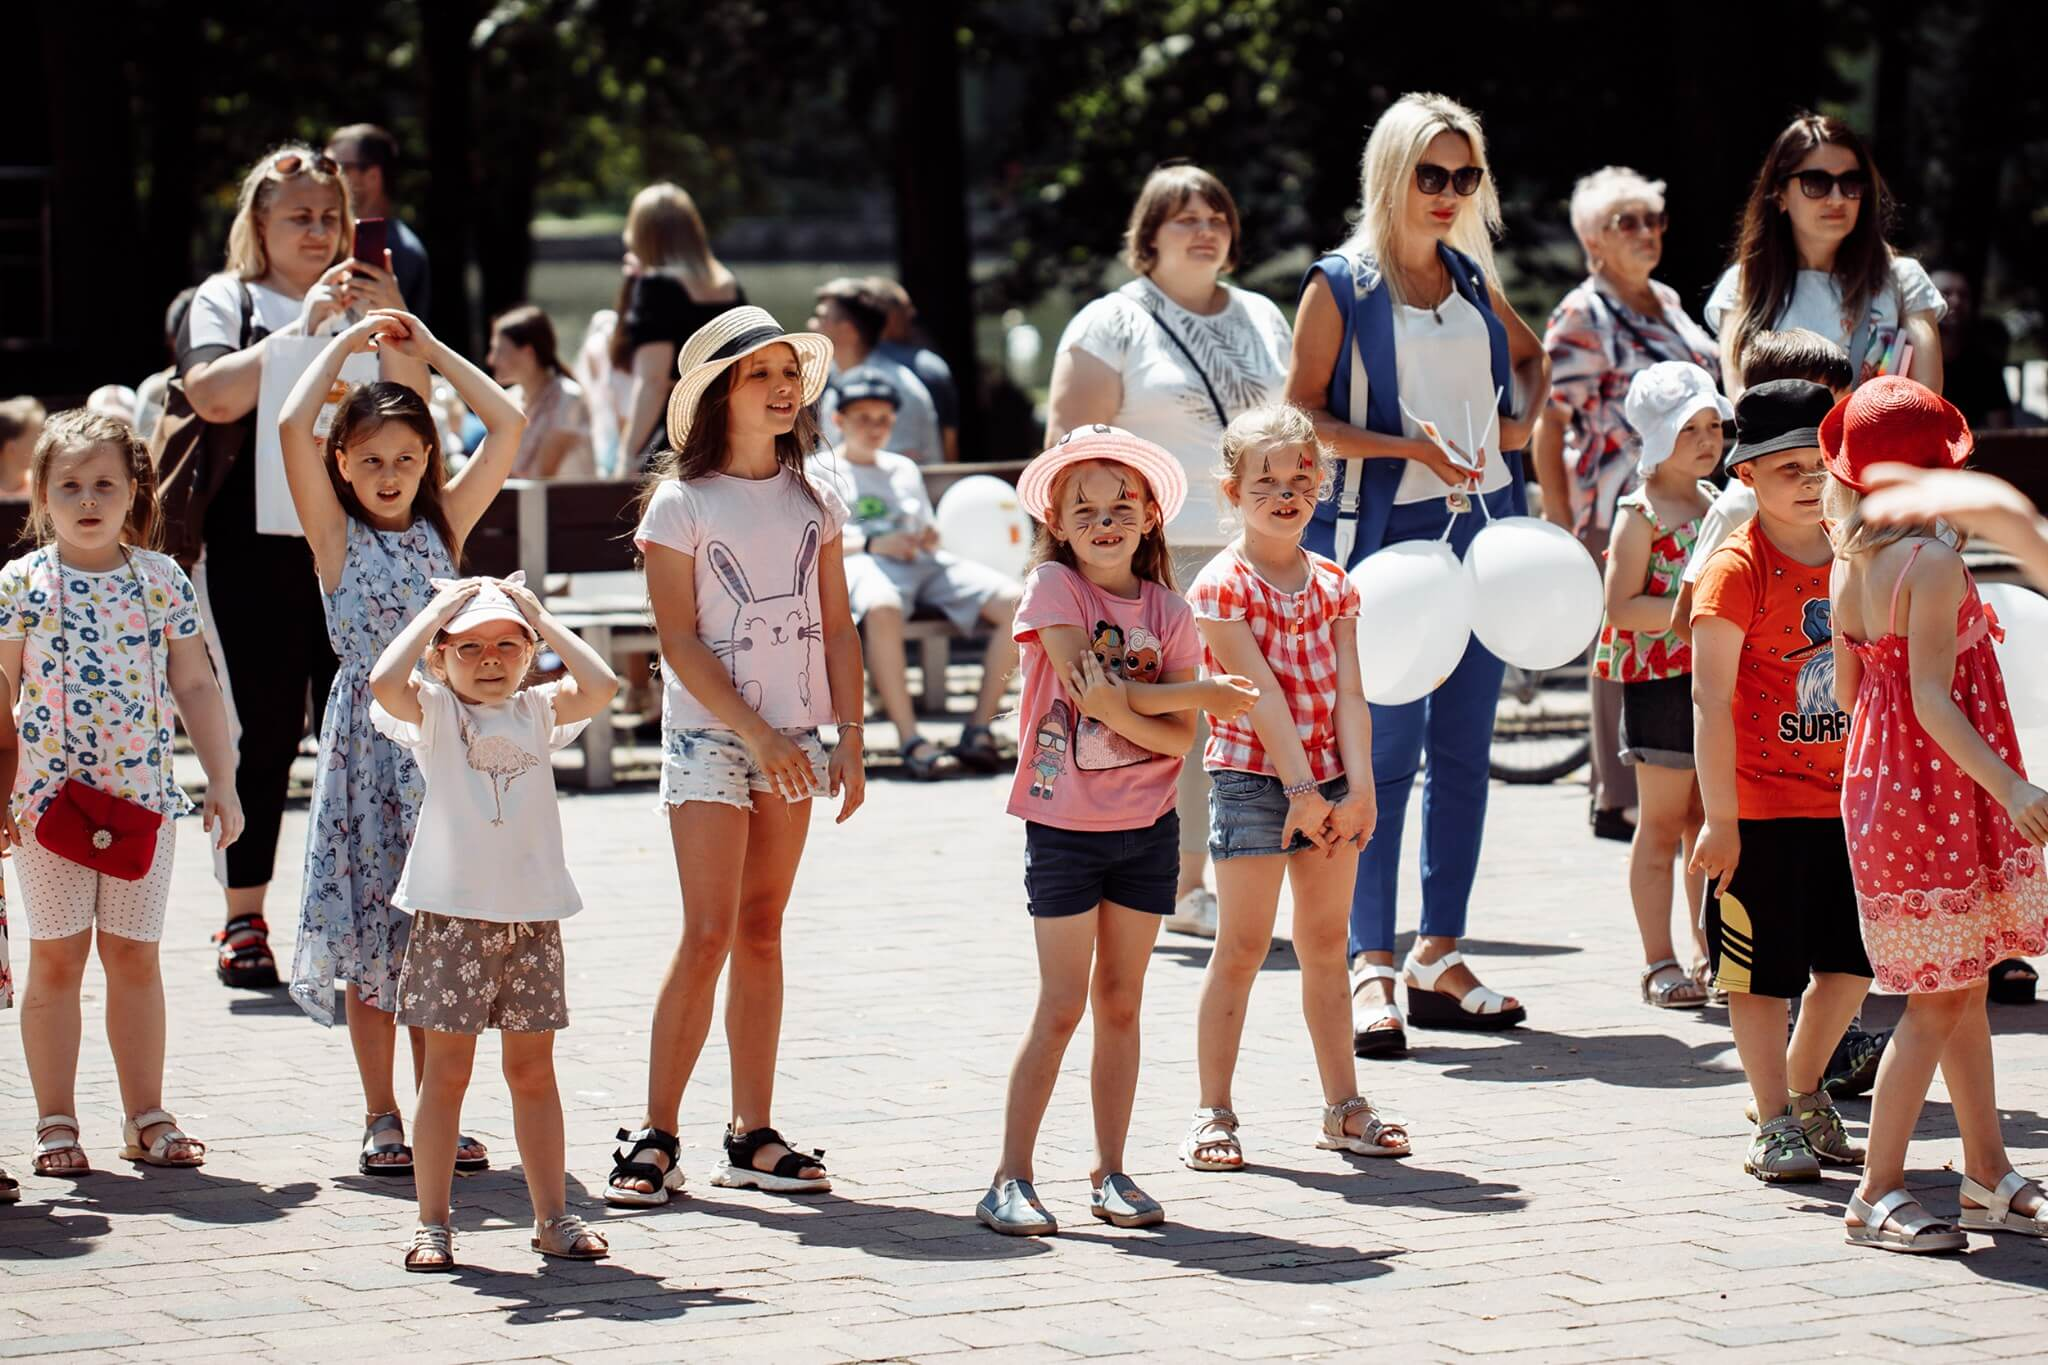 Сім'я Вертикаль вітає франківців з Днем родини! (ФОТО, ВІДЕО)